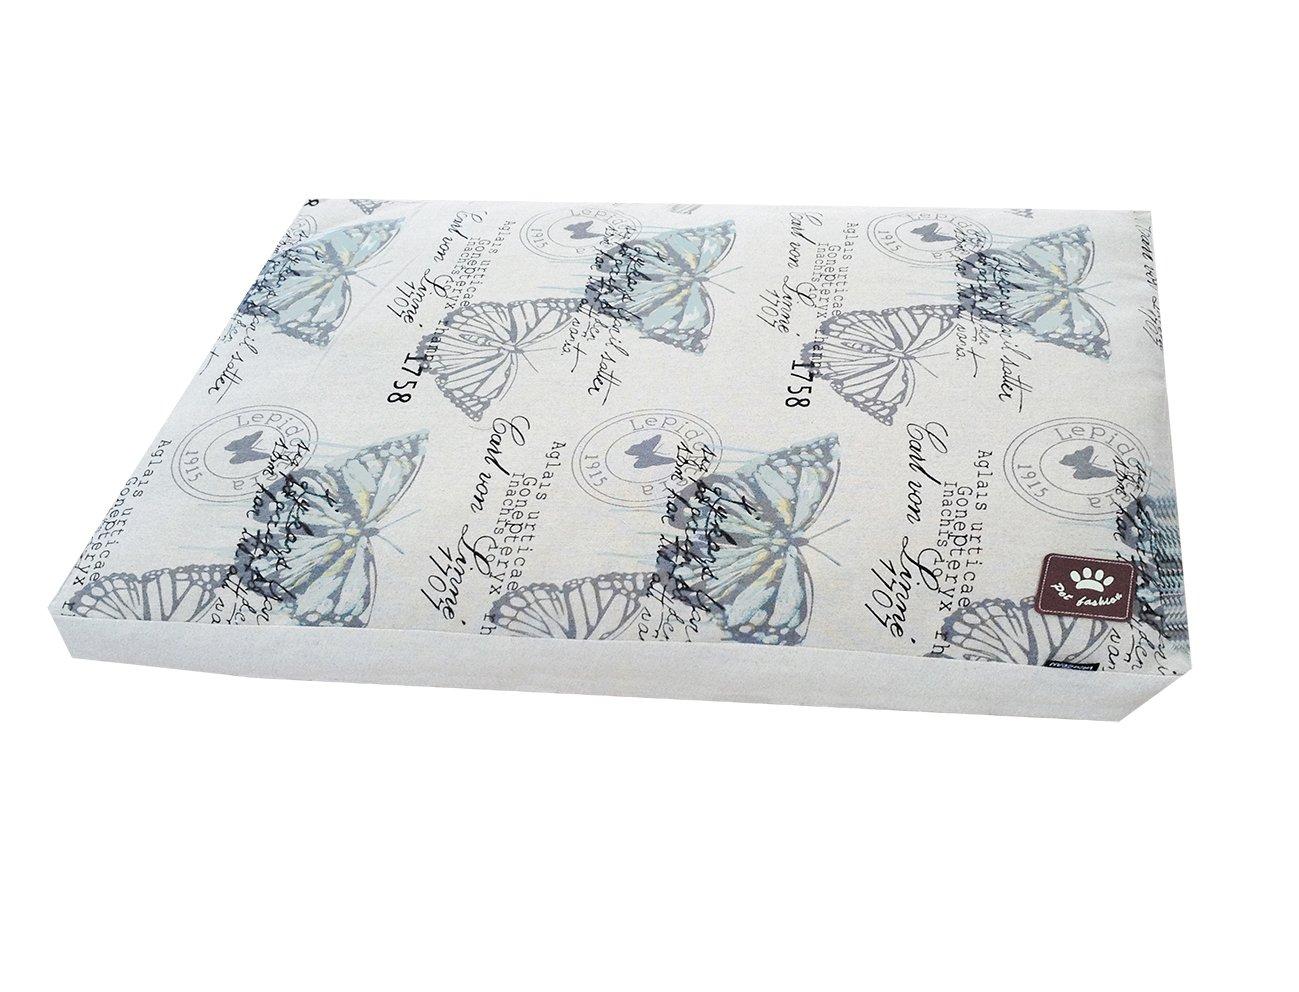 risparmia fino al 70% VADIGRAN Materasso per Cane Stile Farfalla Bianco Bianco Bianco Blu 110 x 70 x 10 cm  prezzi bassi